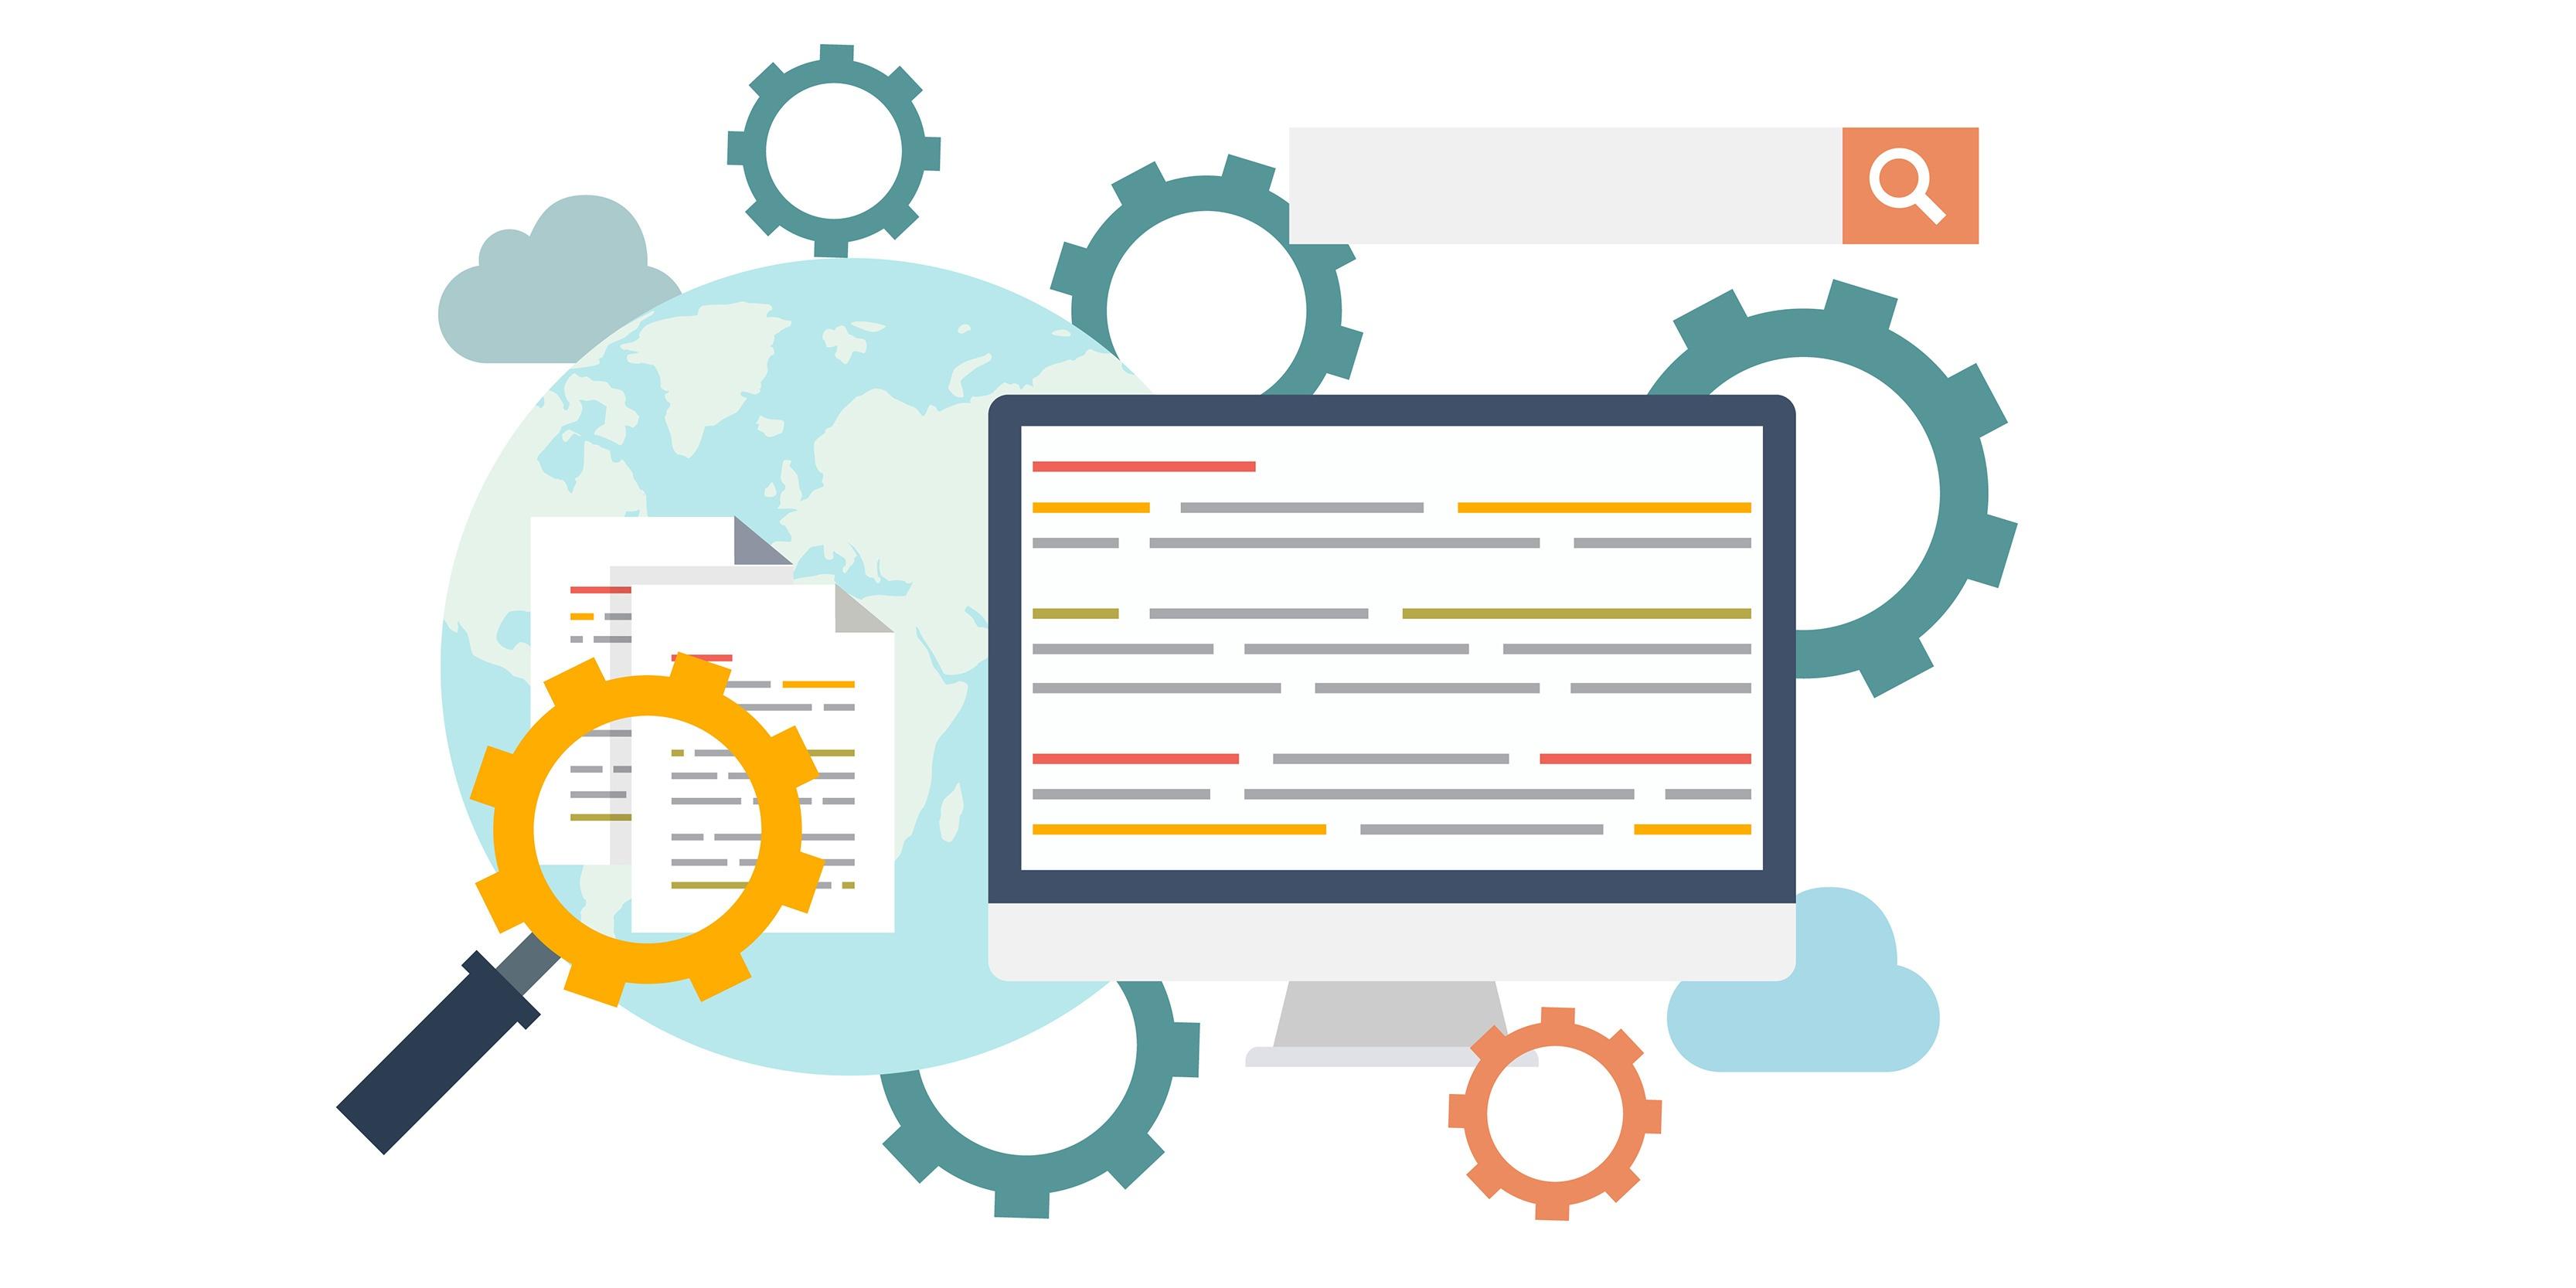 Morey-Blog-Digital-Marketing-Revolution.jpg